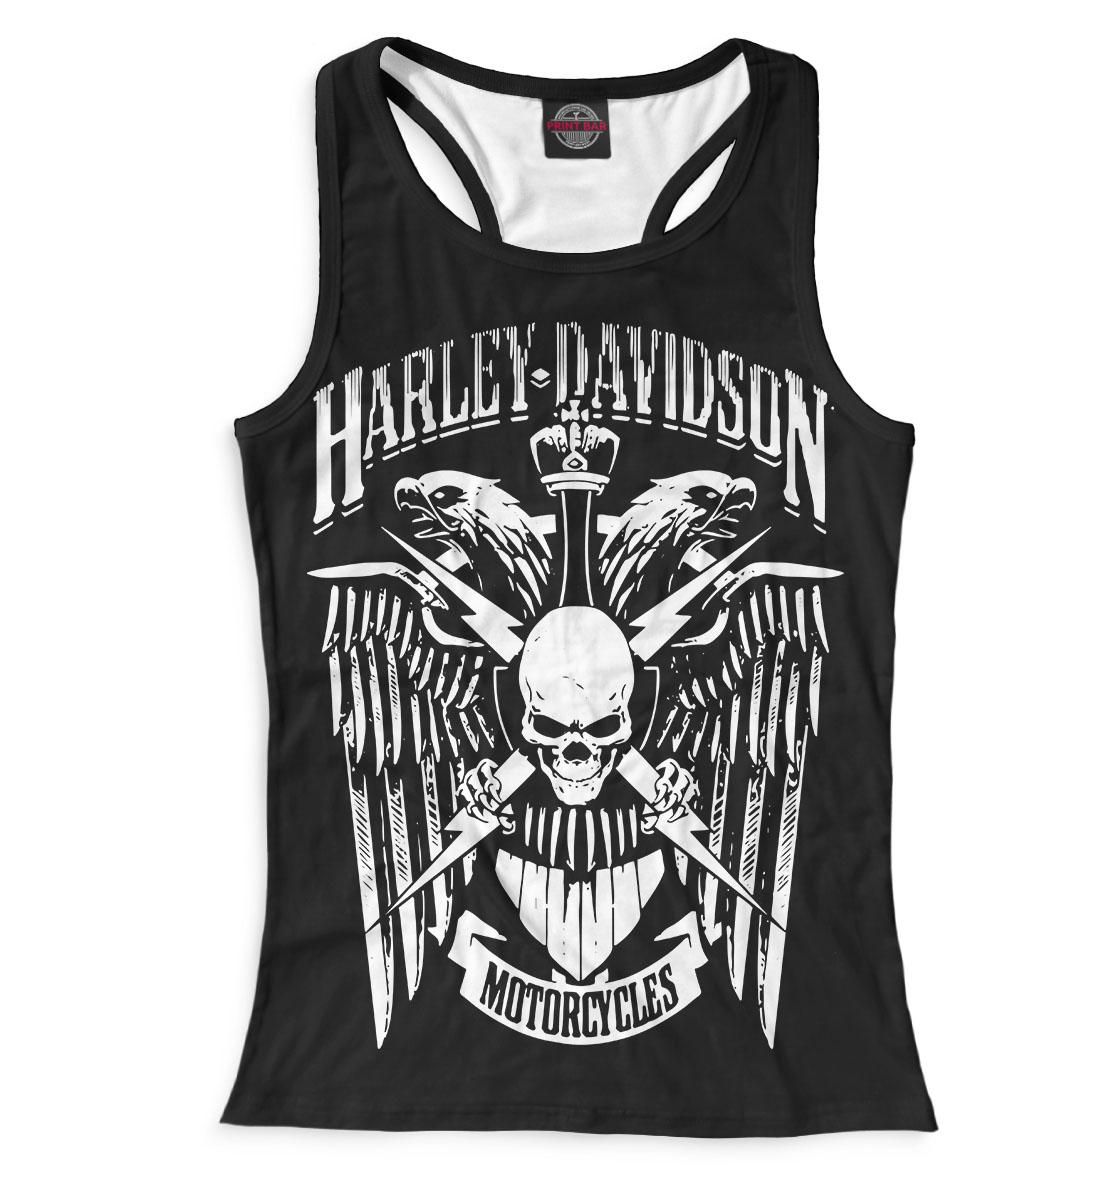 Купить Harley Davidson Motorcycles, Printbar, Майки борцовки, MTR-575884-mayb-1